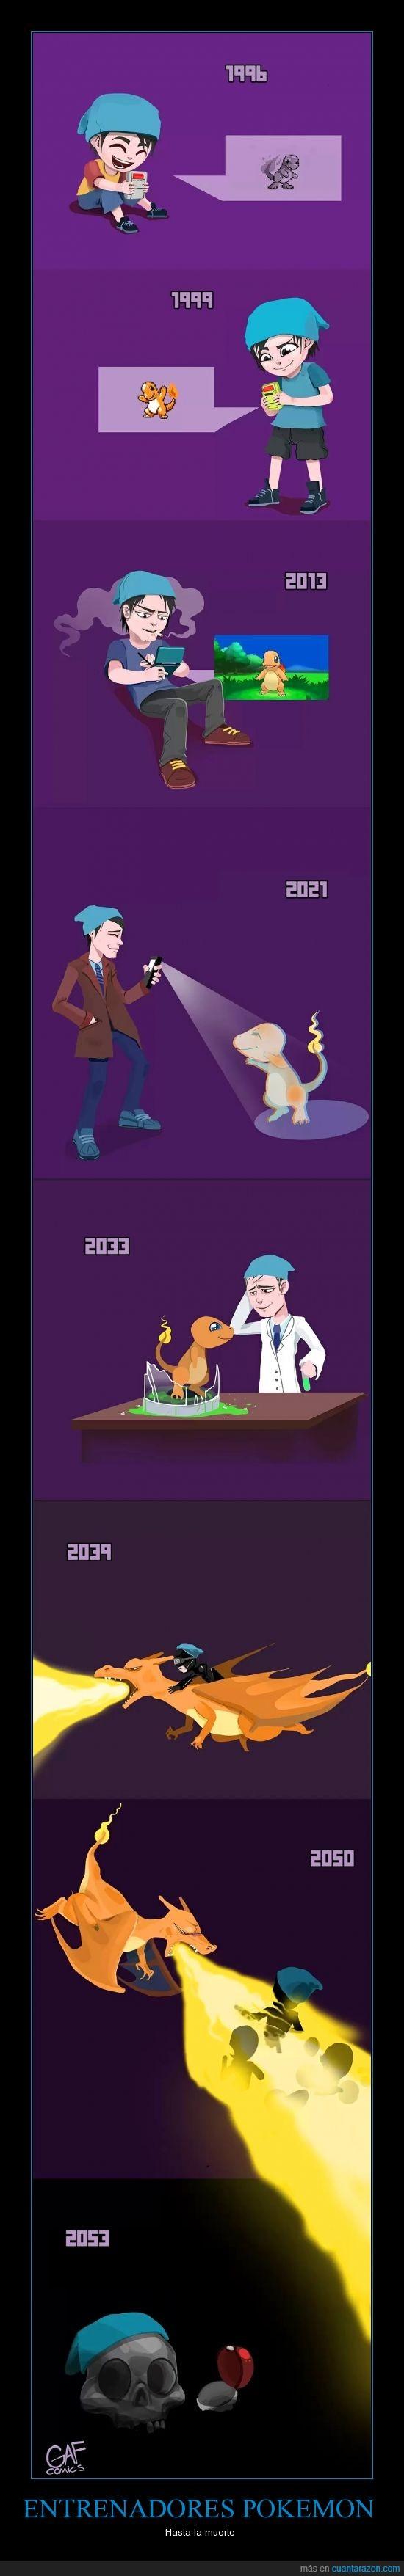 broma.,evolución,holograma,ironía,Pokemon,sarcasmo,vader